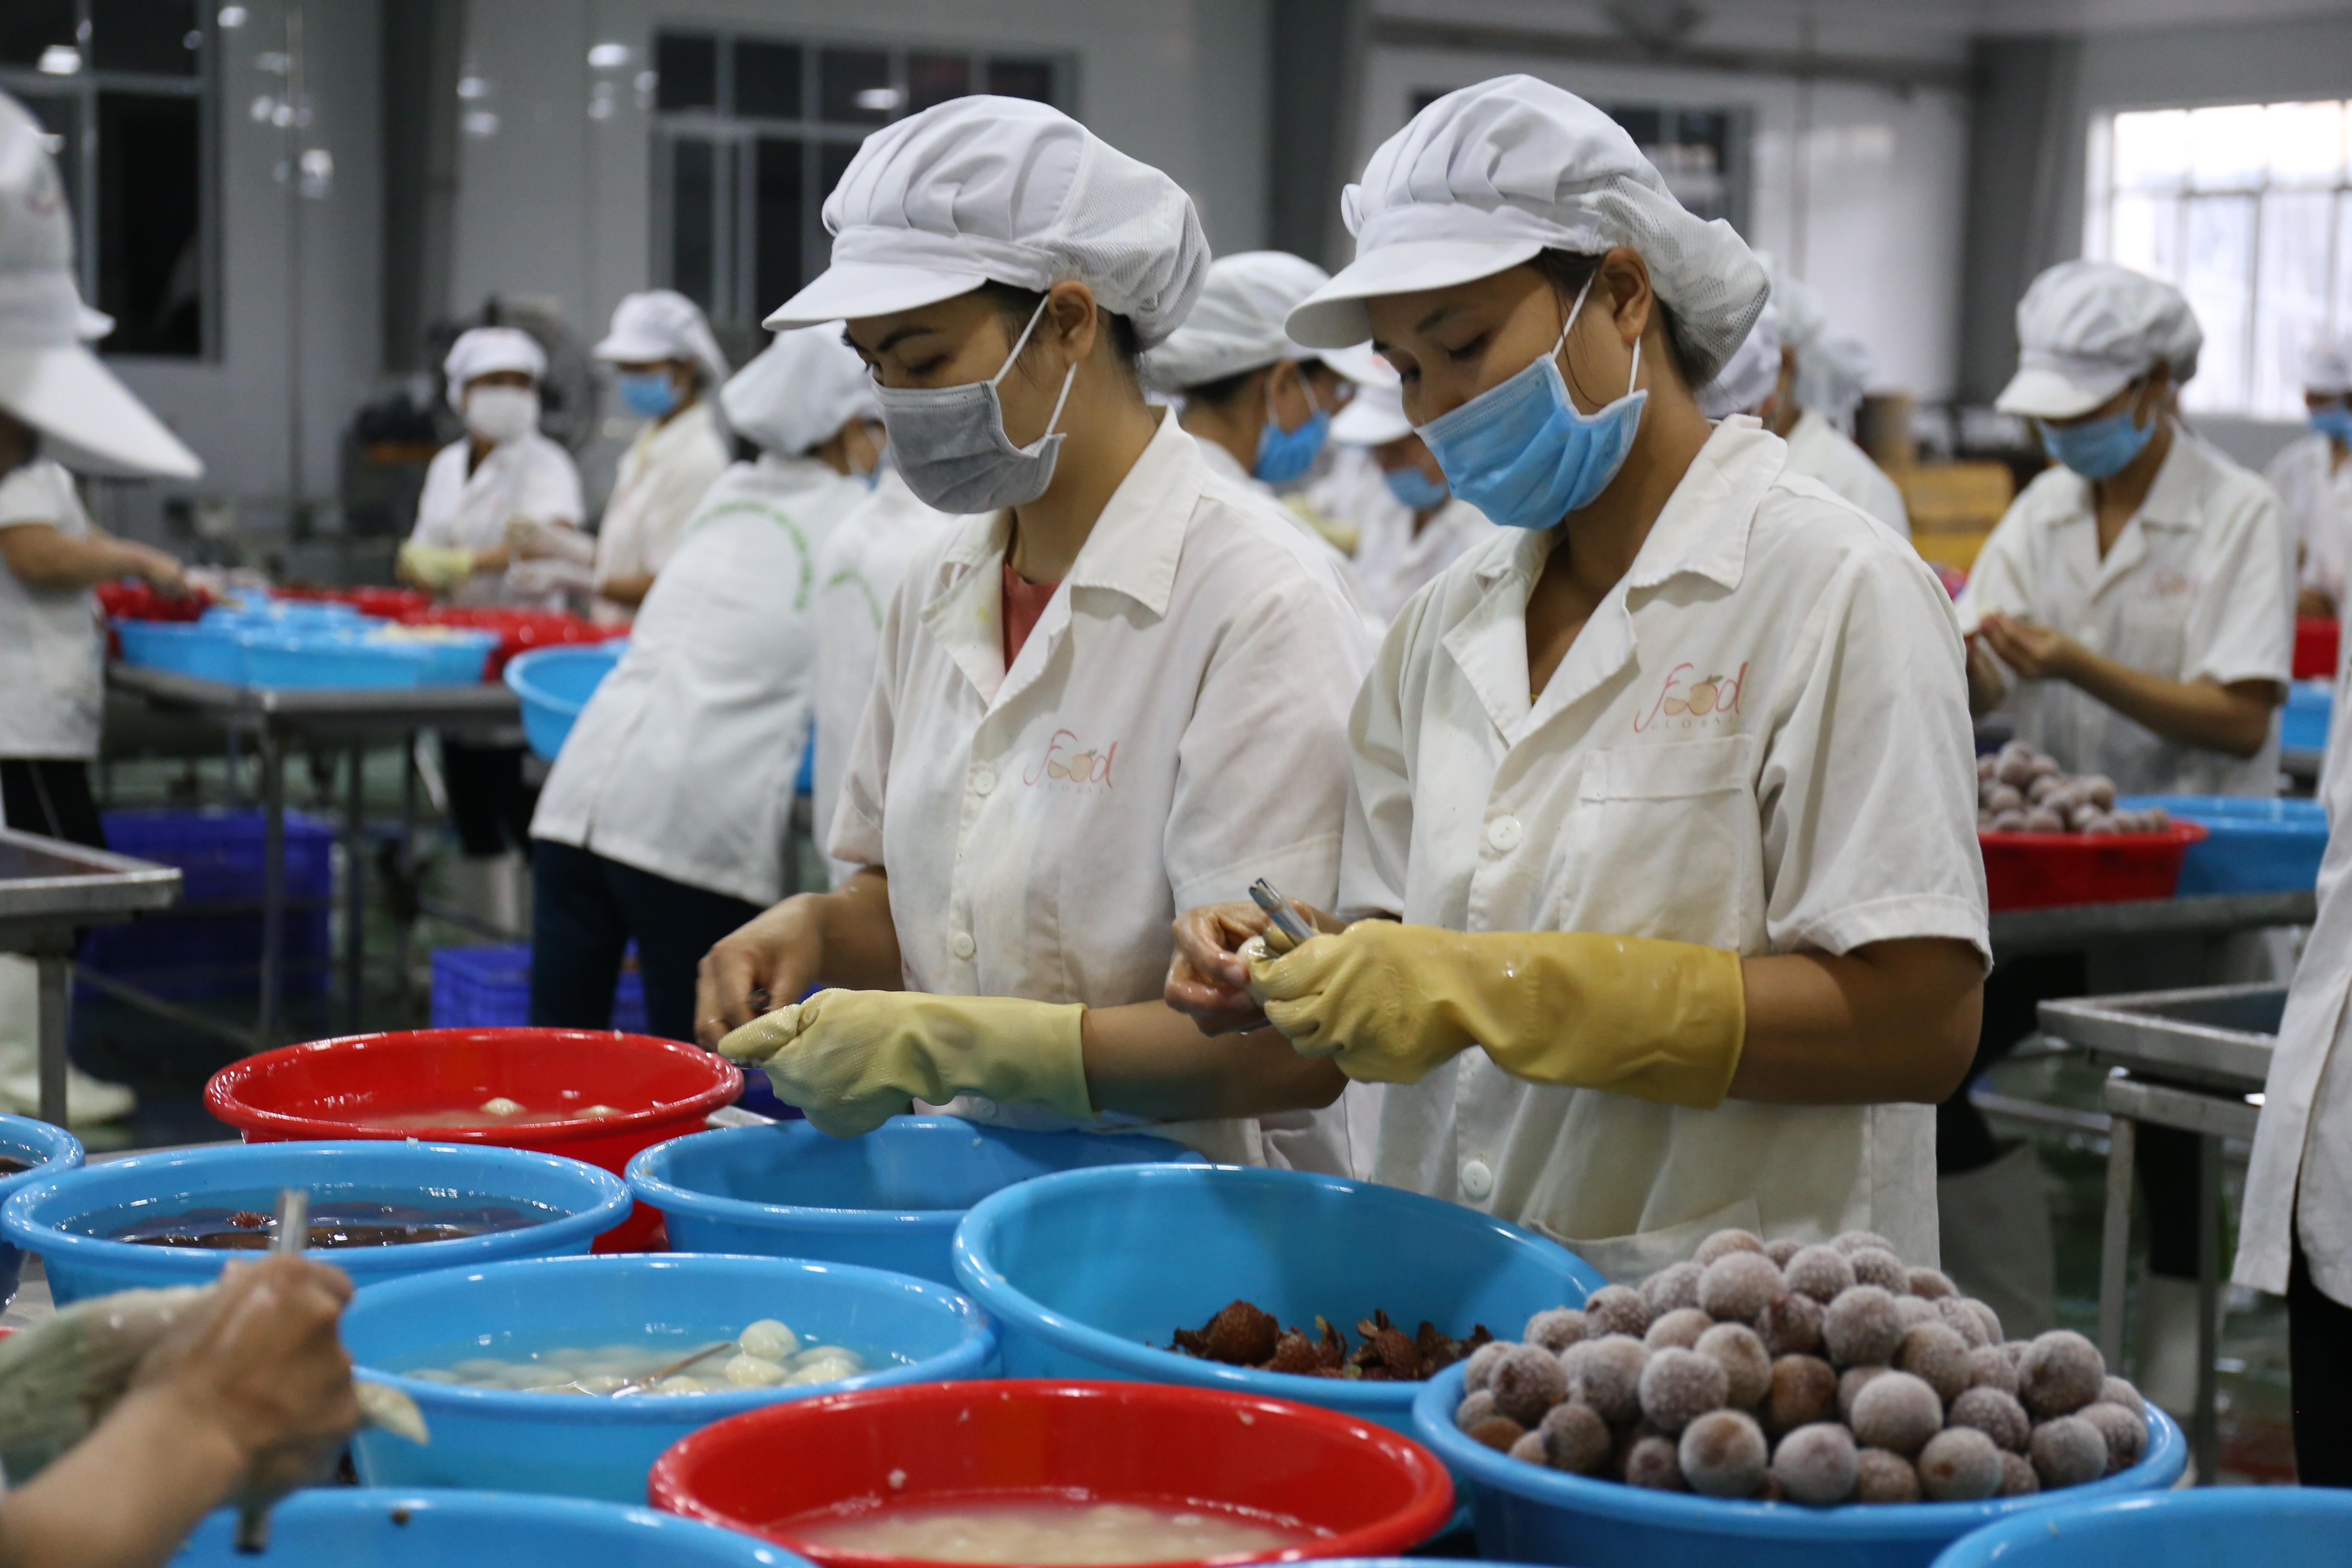 Nhân viên của công ty Xuất nhập khẩu Toàn cầu đang bóc vỏ vải để làm cùi cấp đông. Đây là vải đông lạnh từ tháng 6/2018, ông Nguyễn Hữu Tuyết, Phó TGĐ công ty cho biết, một khi đã để kho một năm rồi mới chế biến thì lợi nhuận không còn đáng kể. Ảnh: Hoàng Nam.